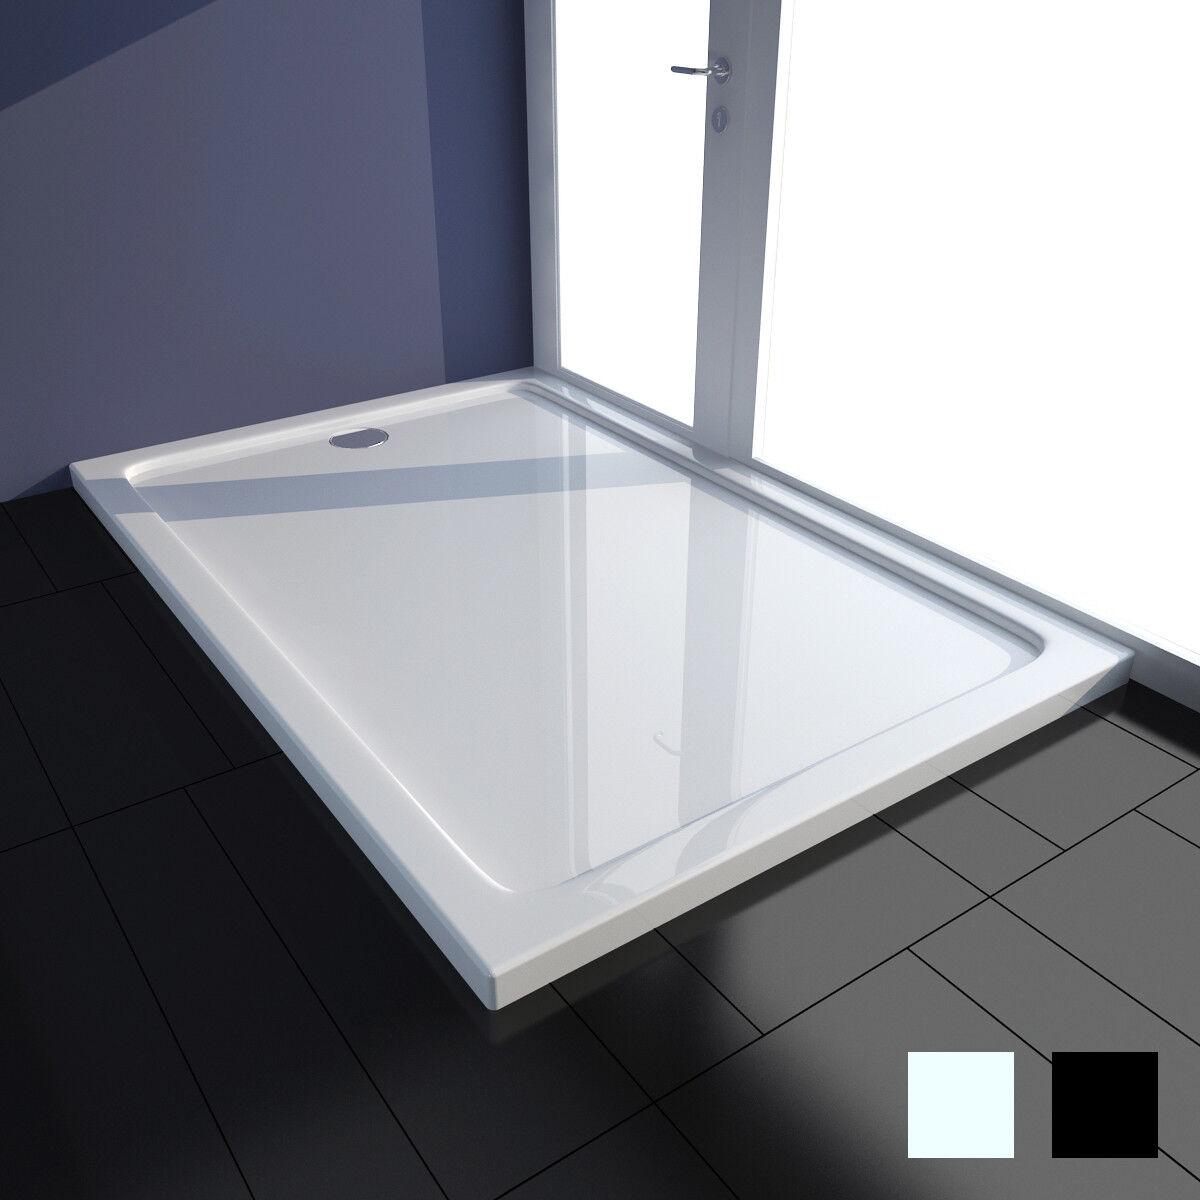 Receveur de douche Blanc   Noir Receveur de douche à poser avec taille au choix